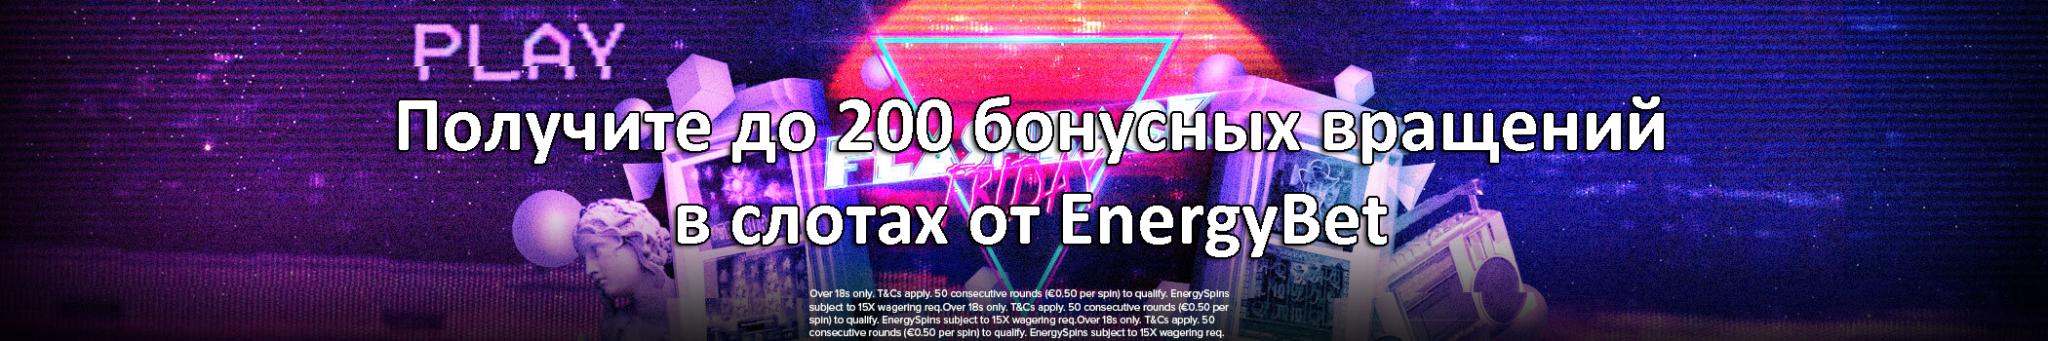 Получите до 200 бонусных вращений в слотах от EnergyBet